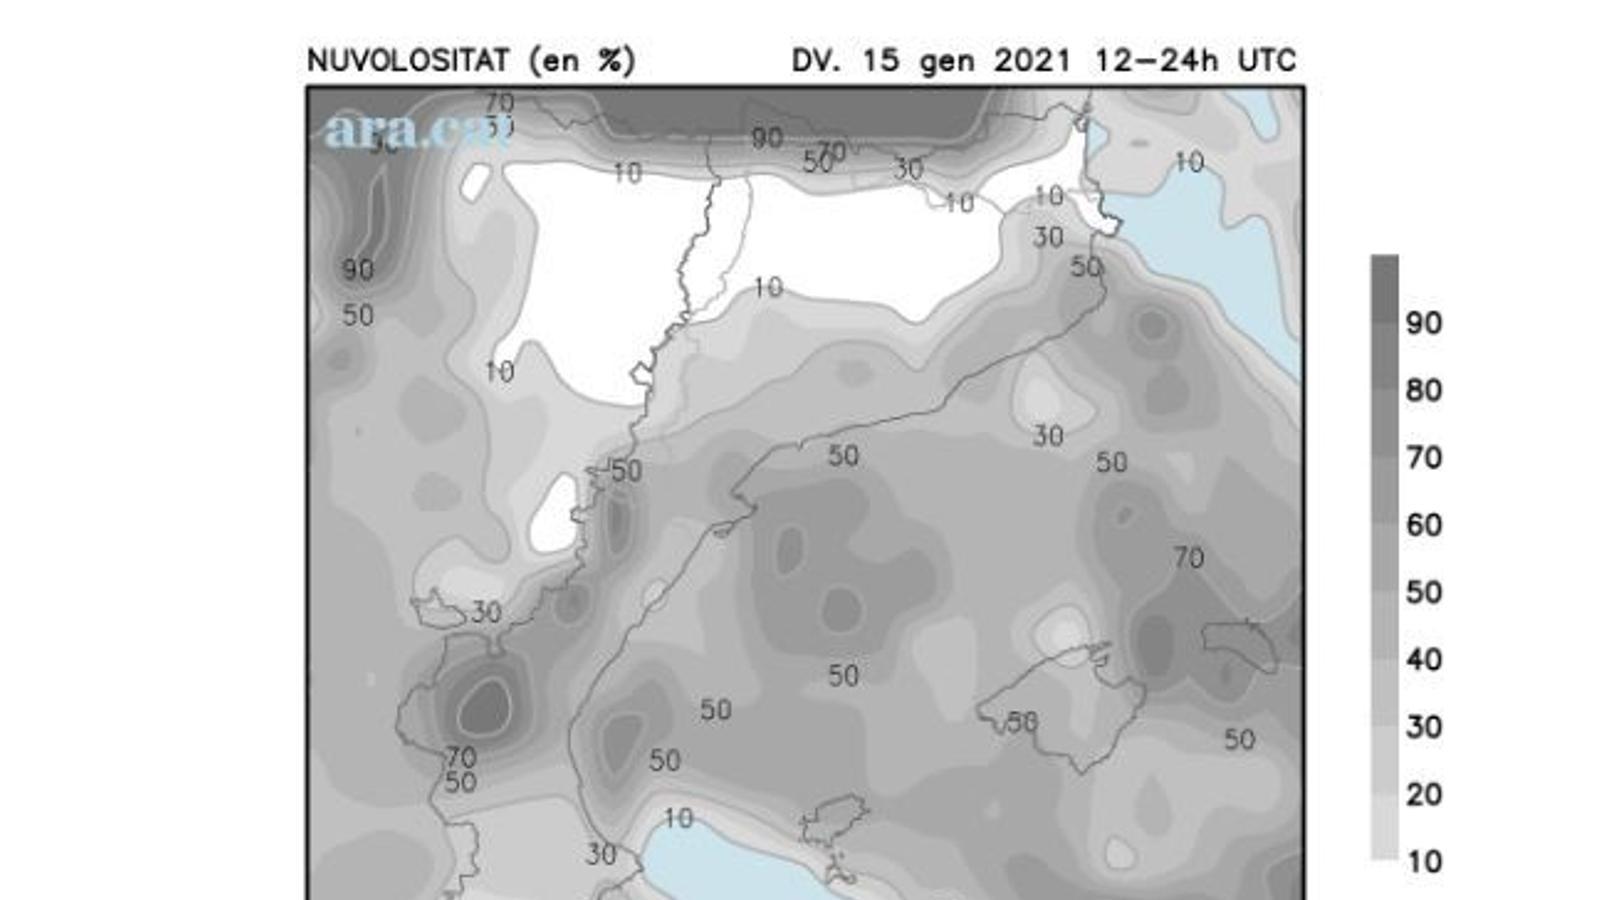 Temperatura sense canvis i probabilitat d'algun ruixat ocasional a les Illes